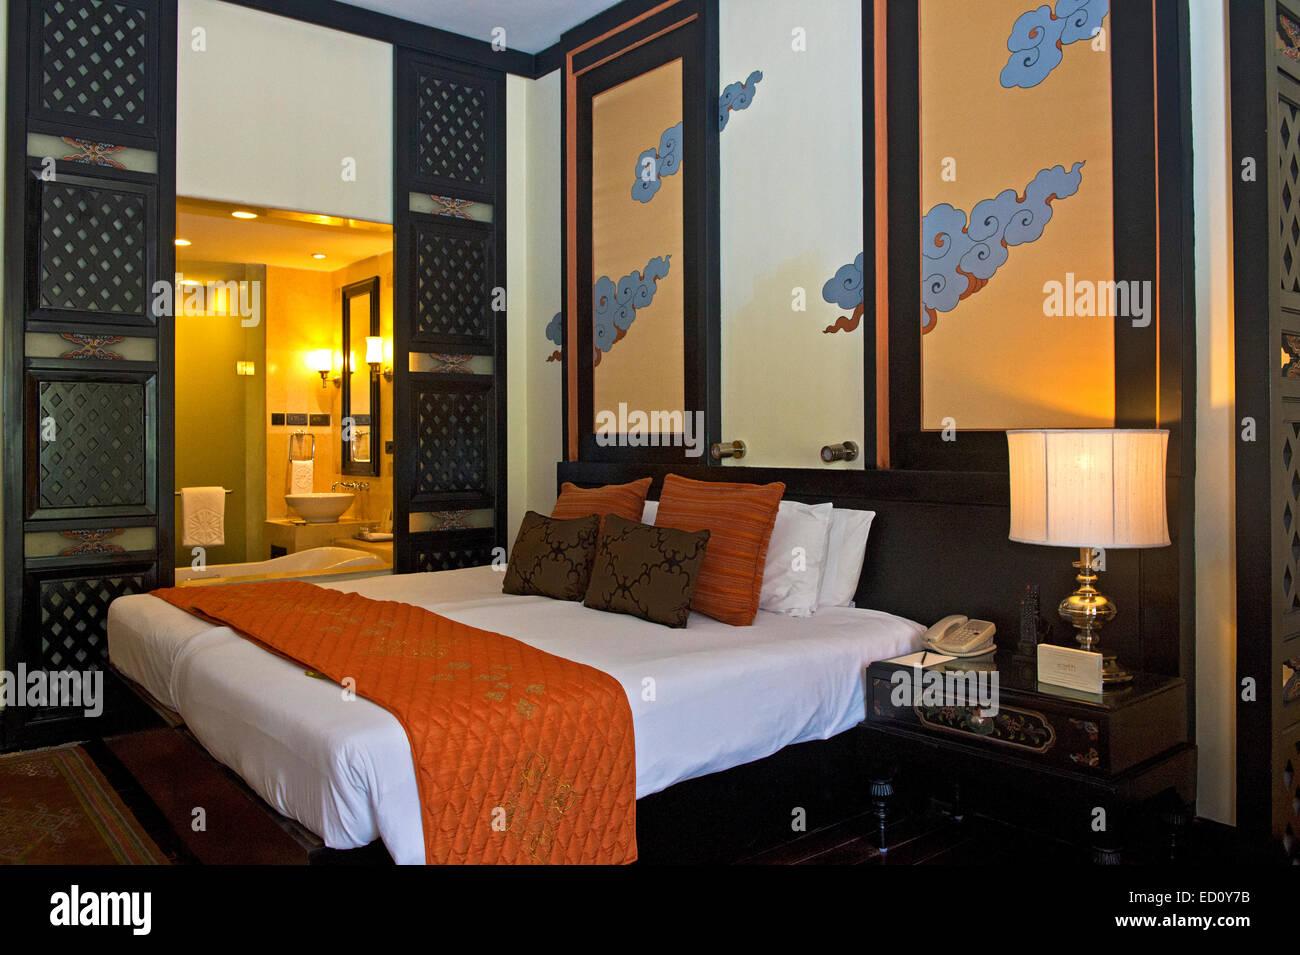 Camera al Taj Tashi hotel, thimphu bhutan Immagini Stock